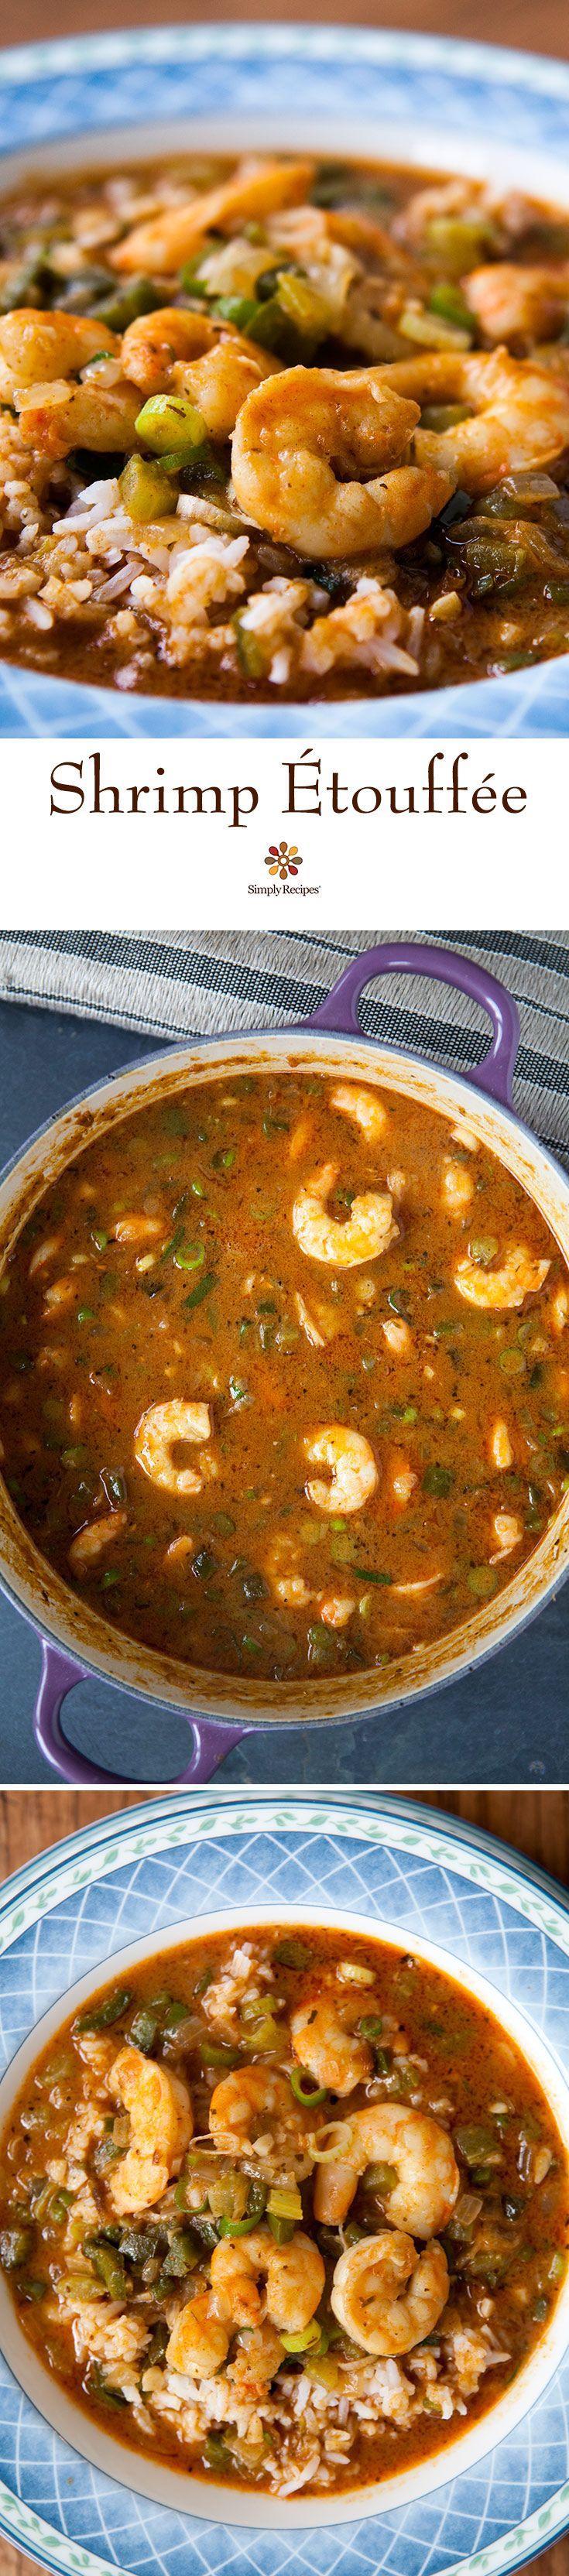 Shrimp Etouffee ~ Shrimp etouffee, a classic Louisiana stew of shrimp or crawfish served over rice. ~ SimplyRecipes.com